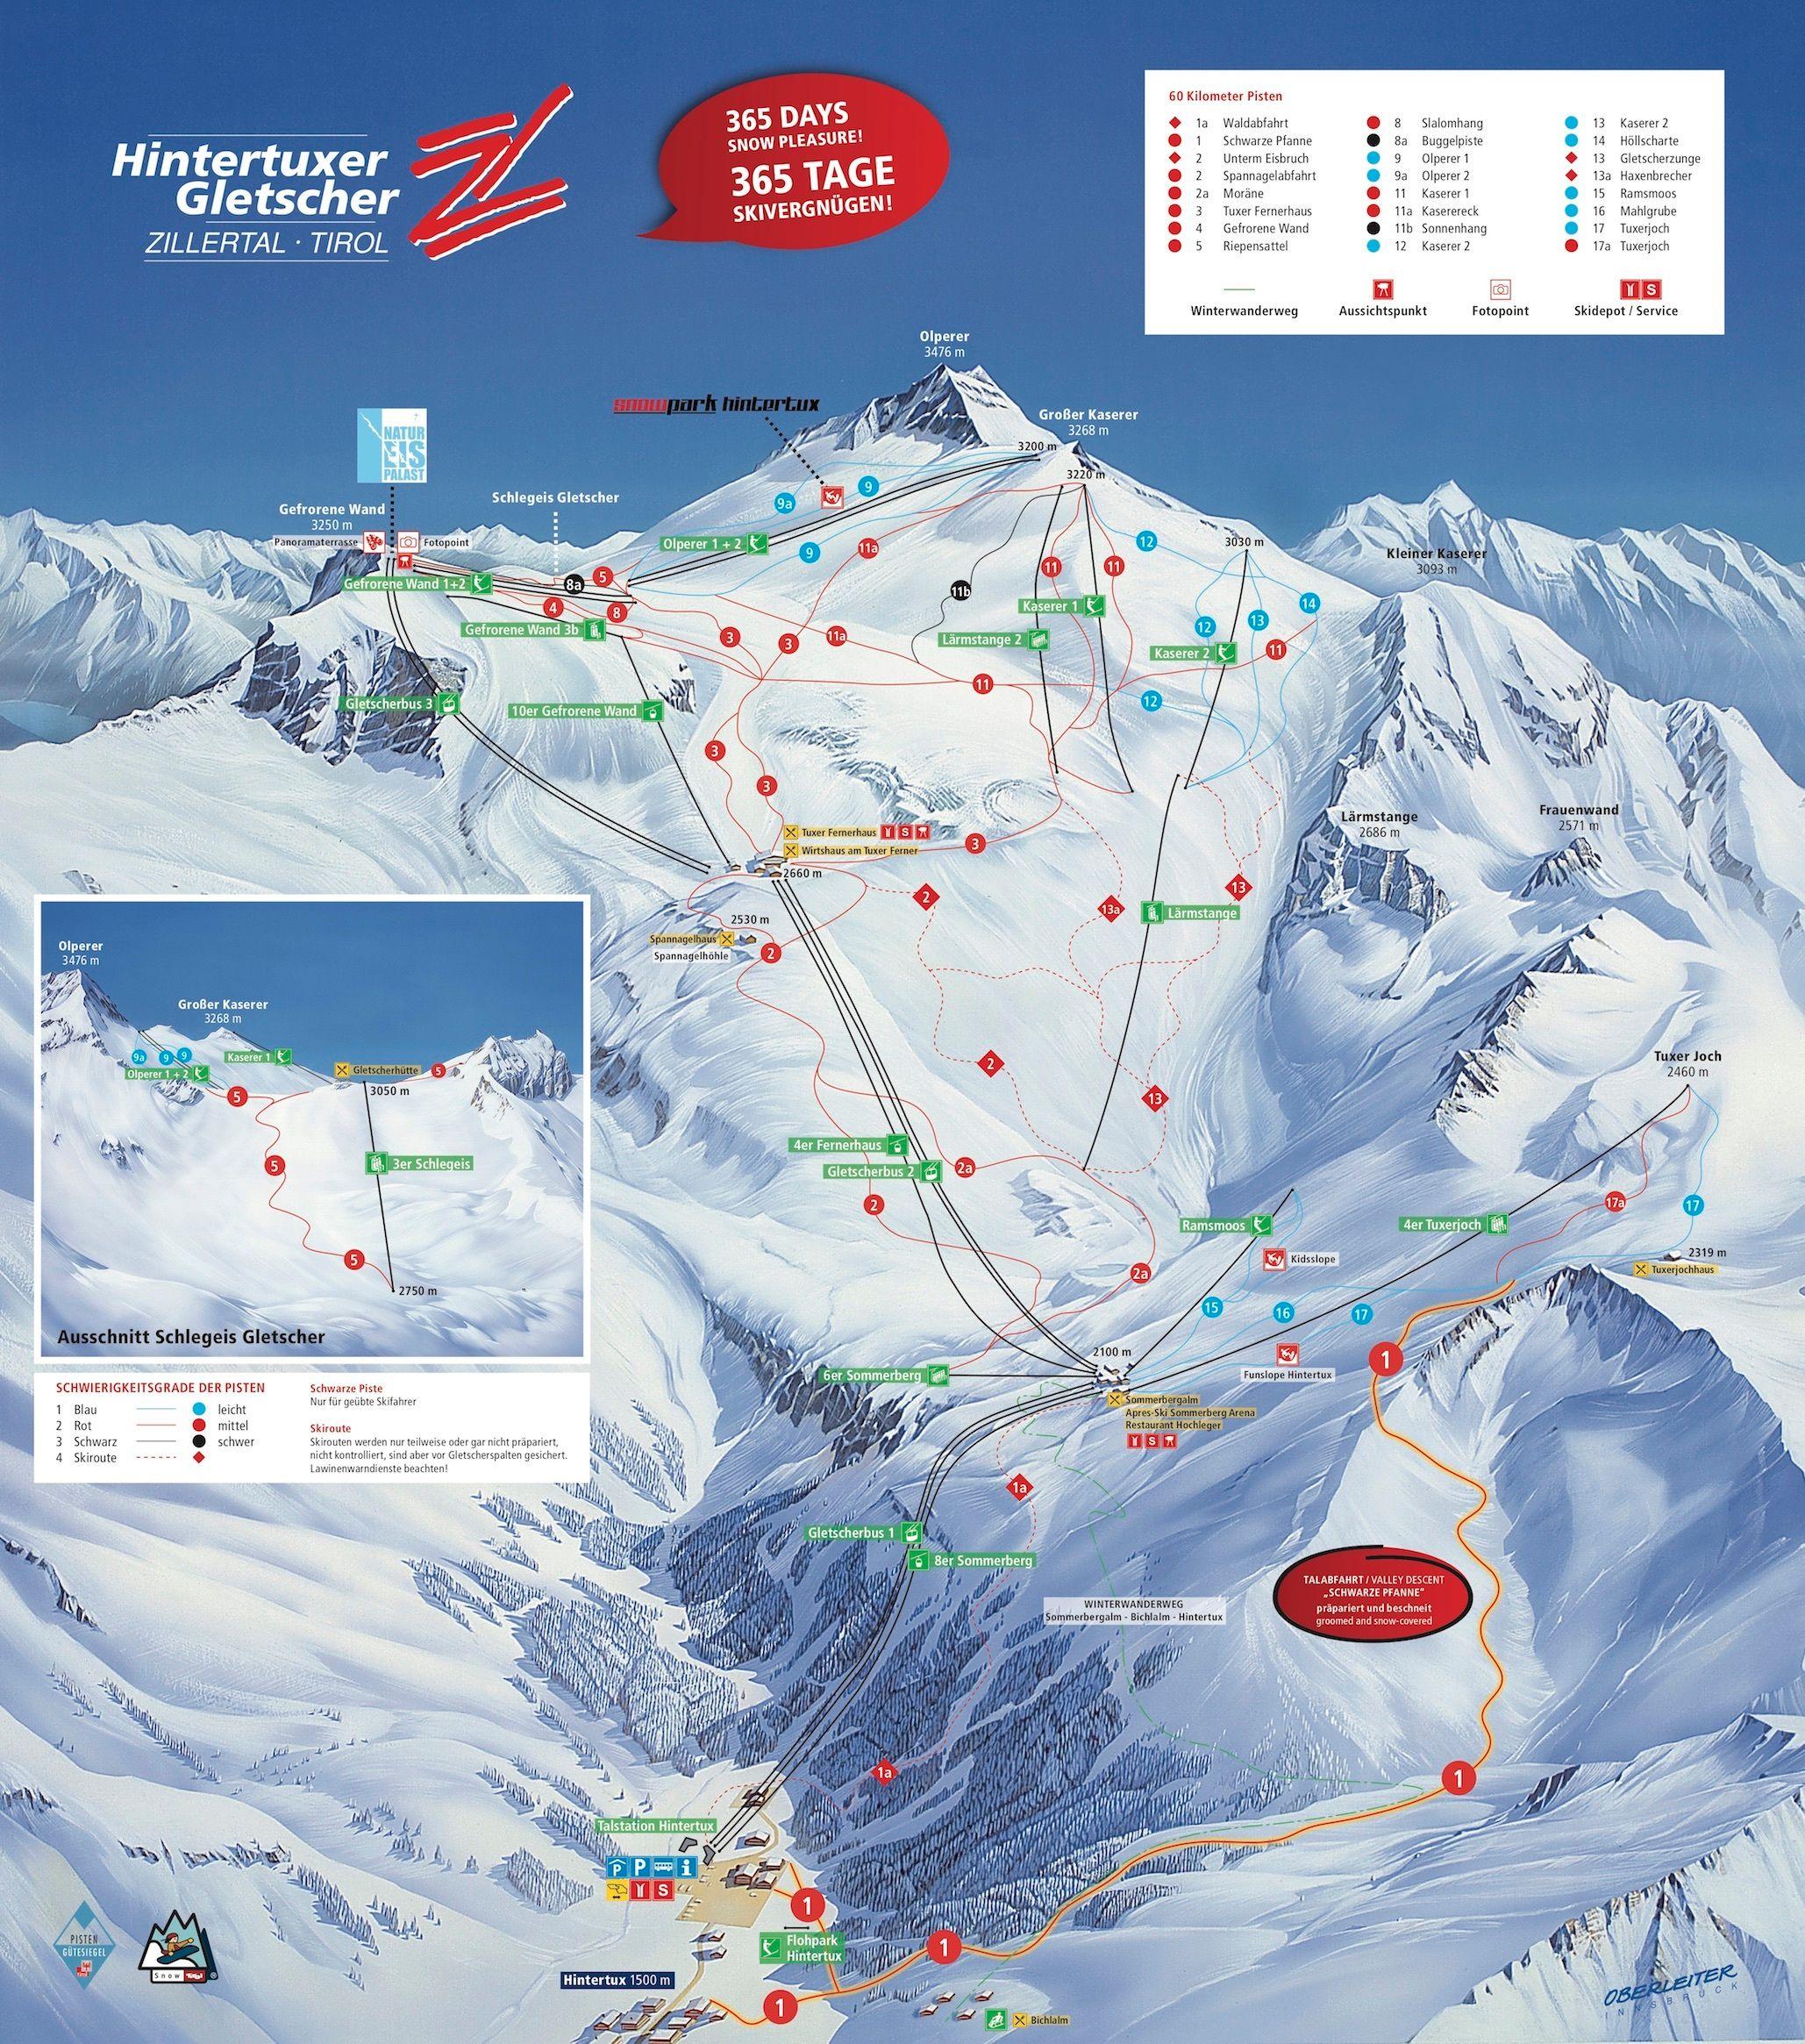 Hintertuxer Gletscher (2018-2019)